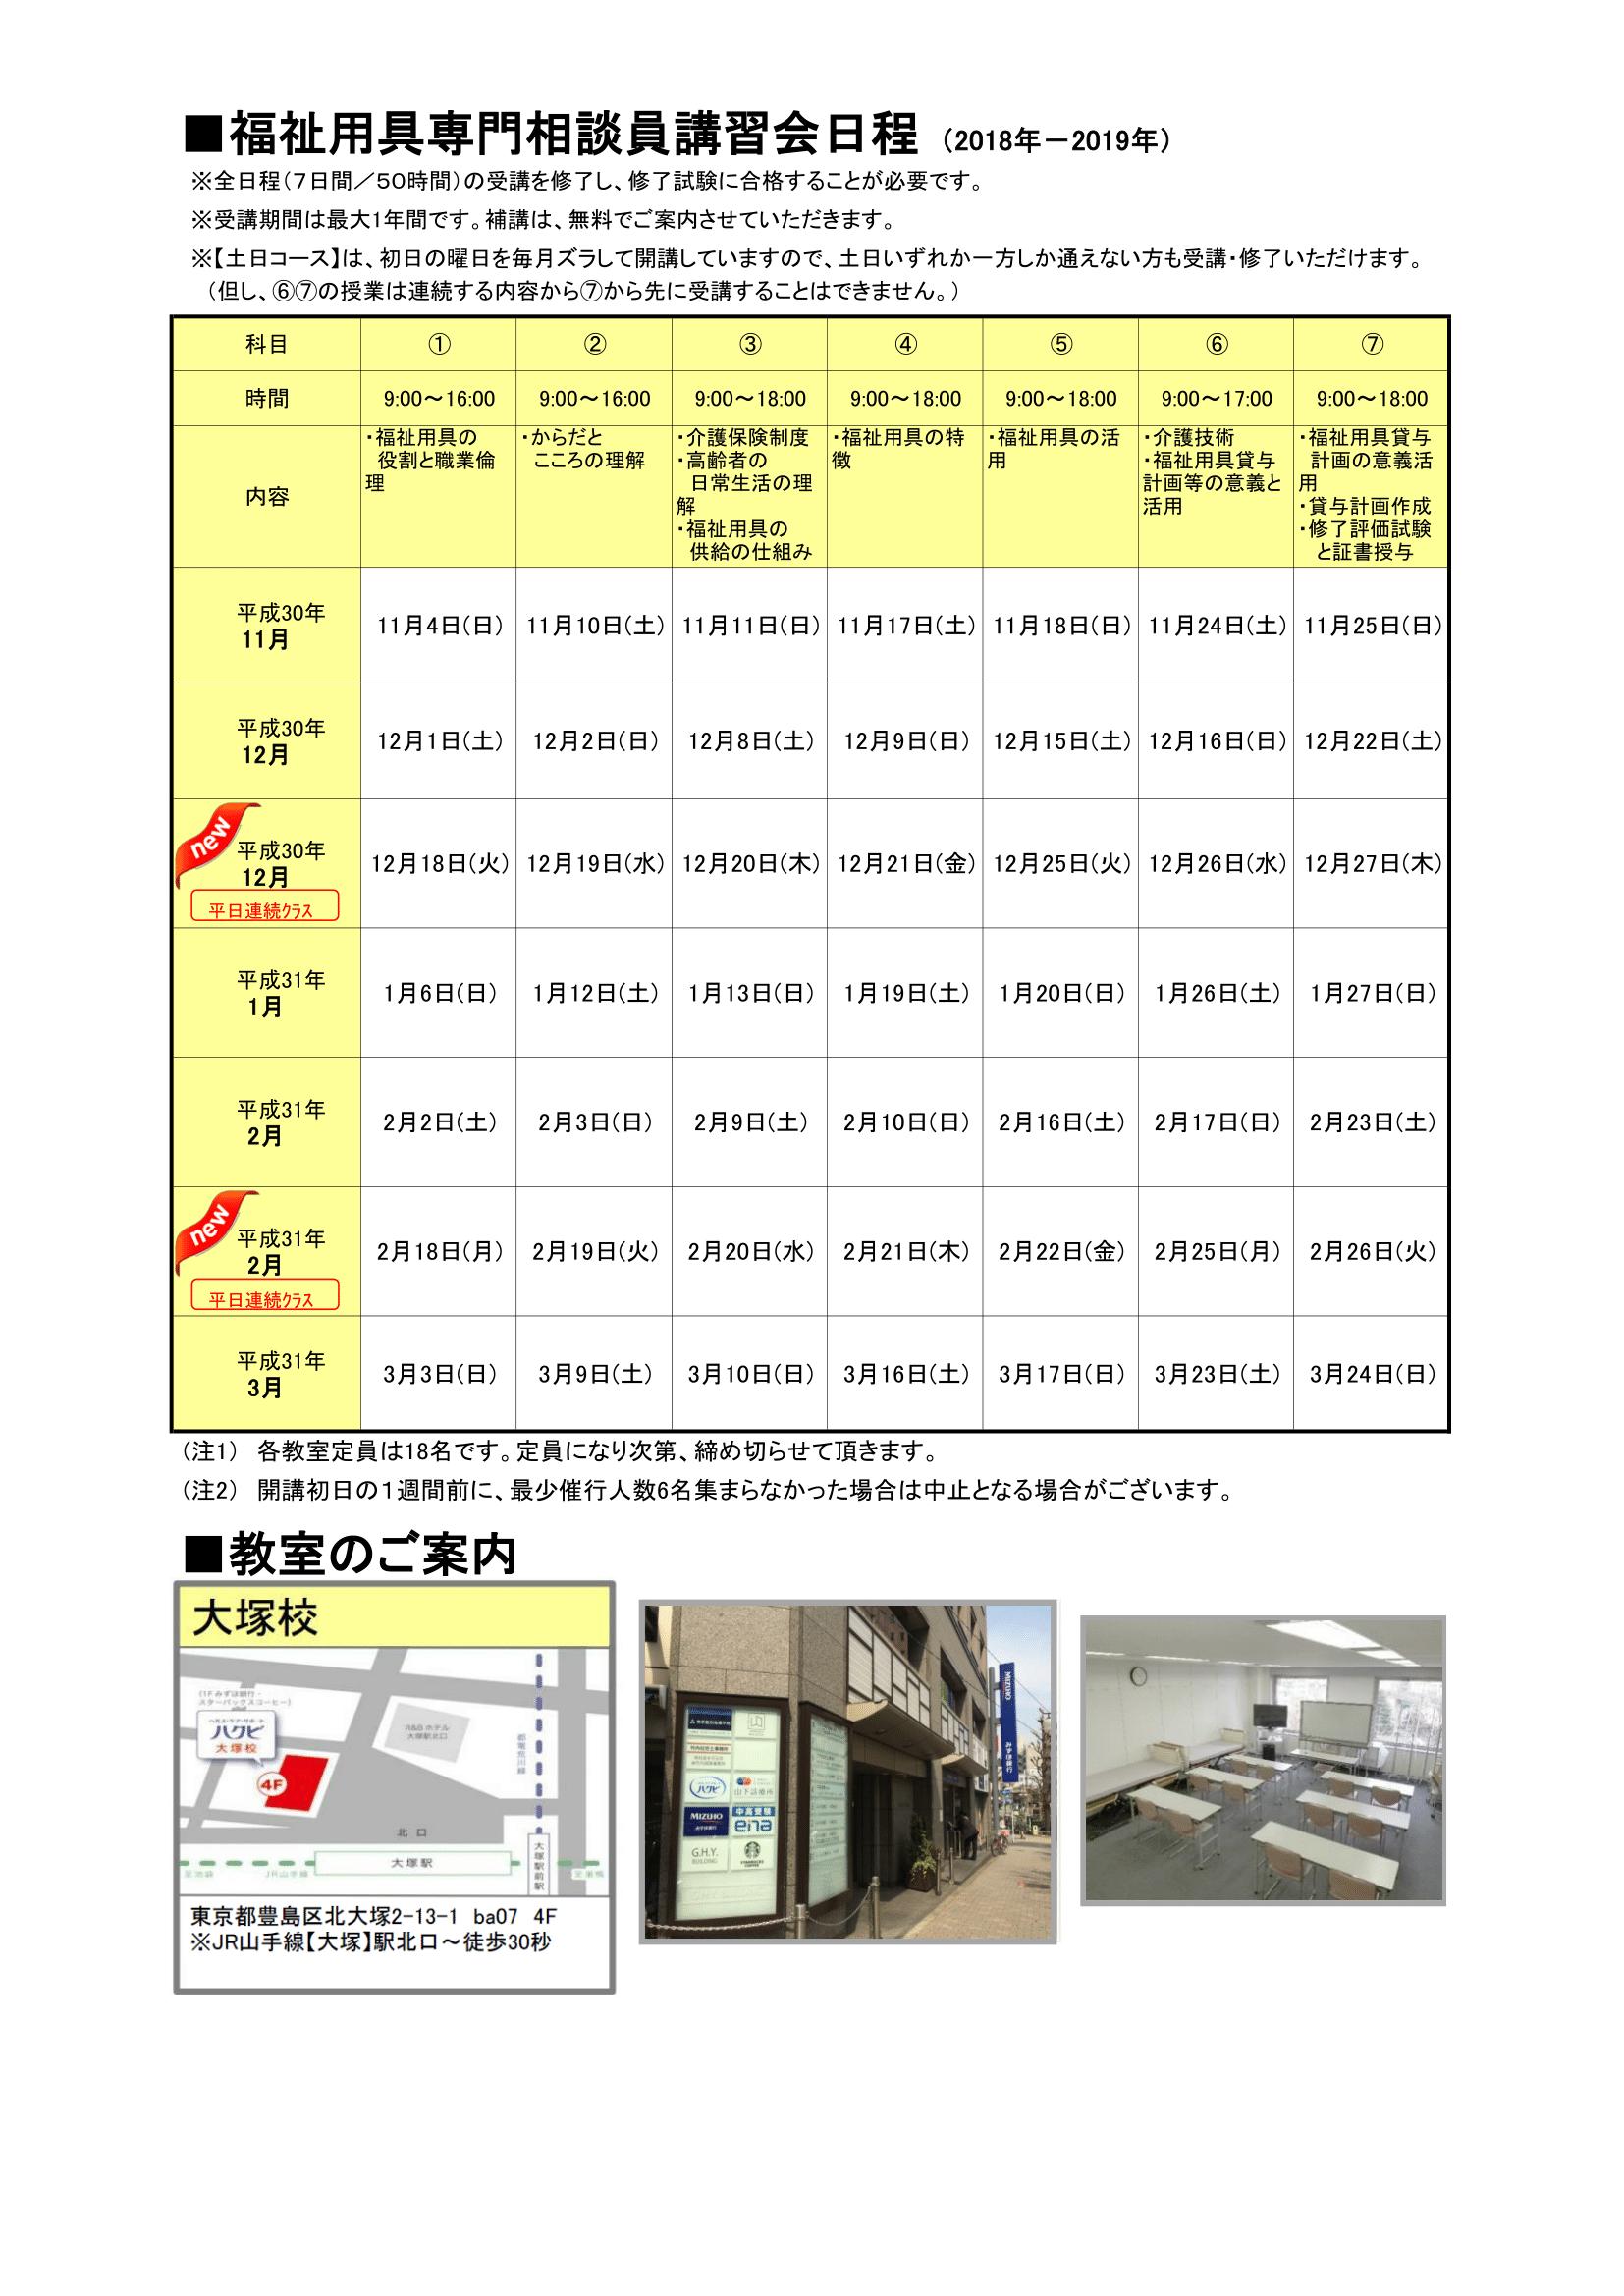 schedule用具-1